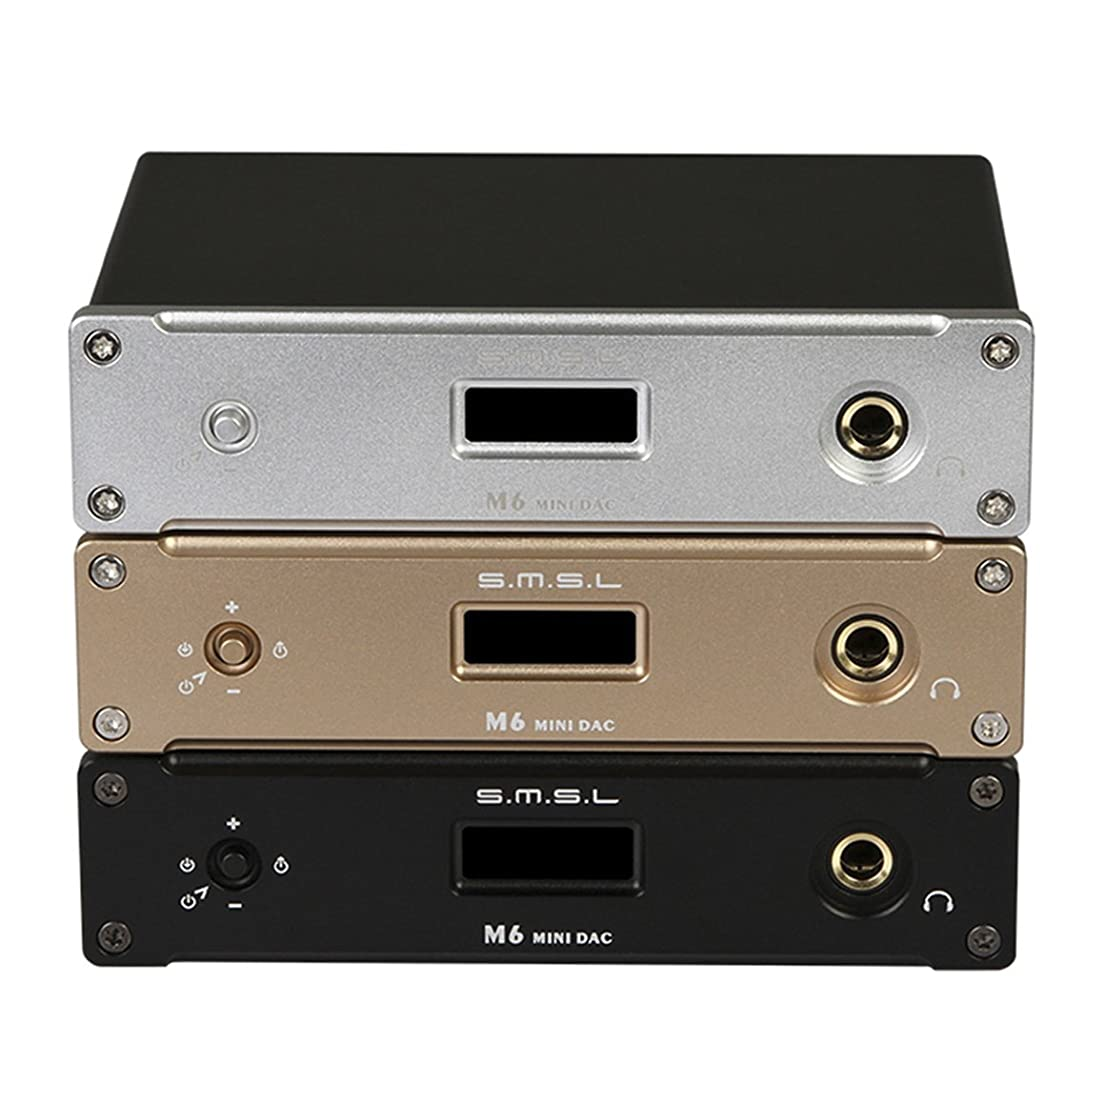 中絶分布糸SMSL M6 ヘッドホンアンプ DAC デコーダー MOUSAI 32Bit/384KHz (ゴールド)